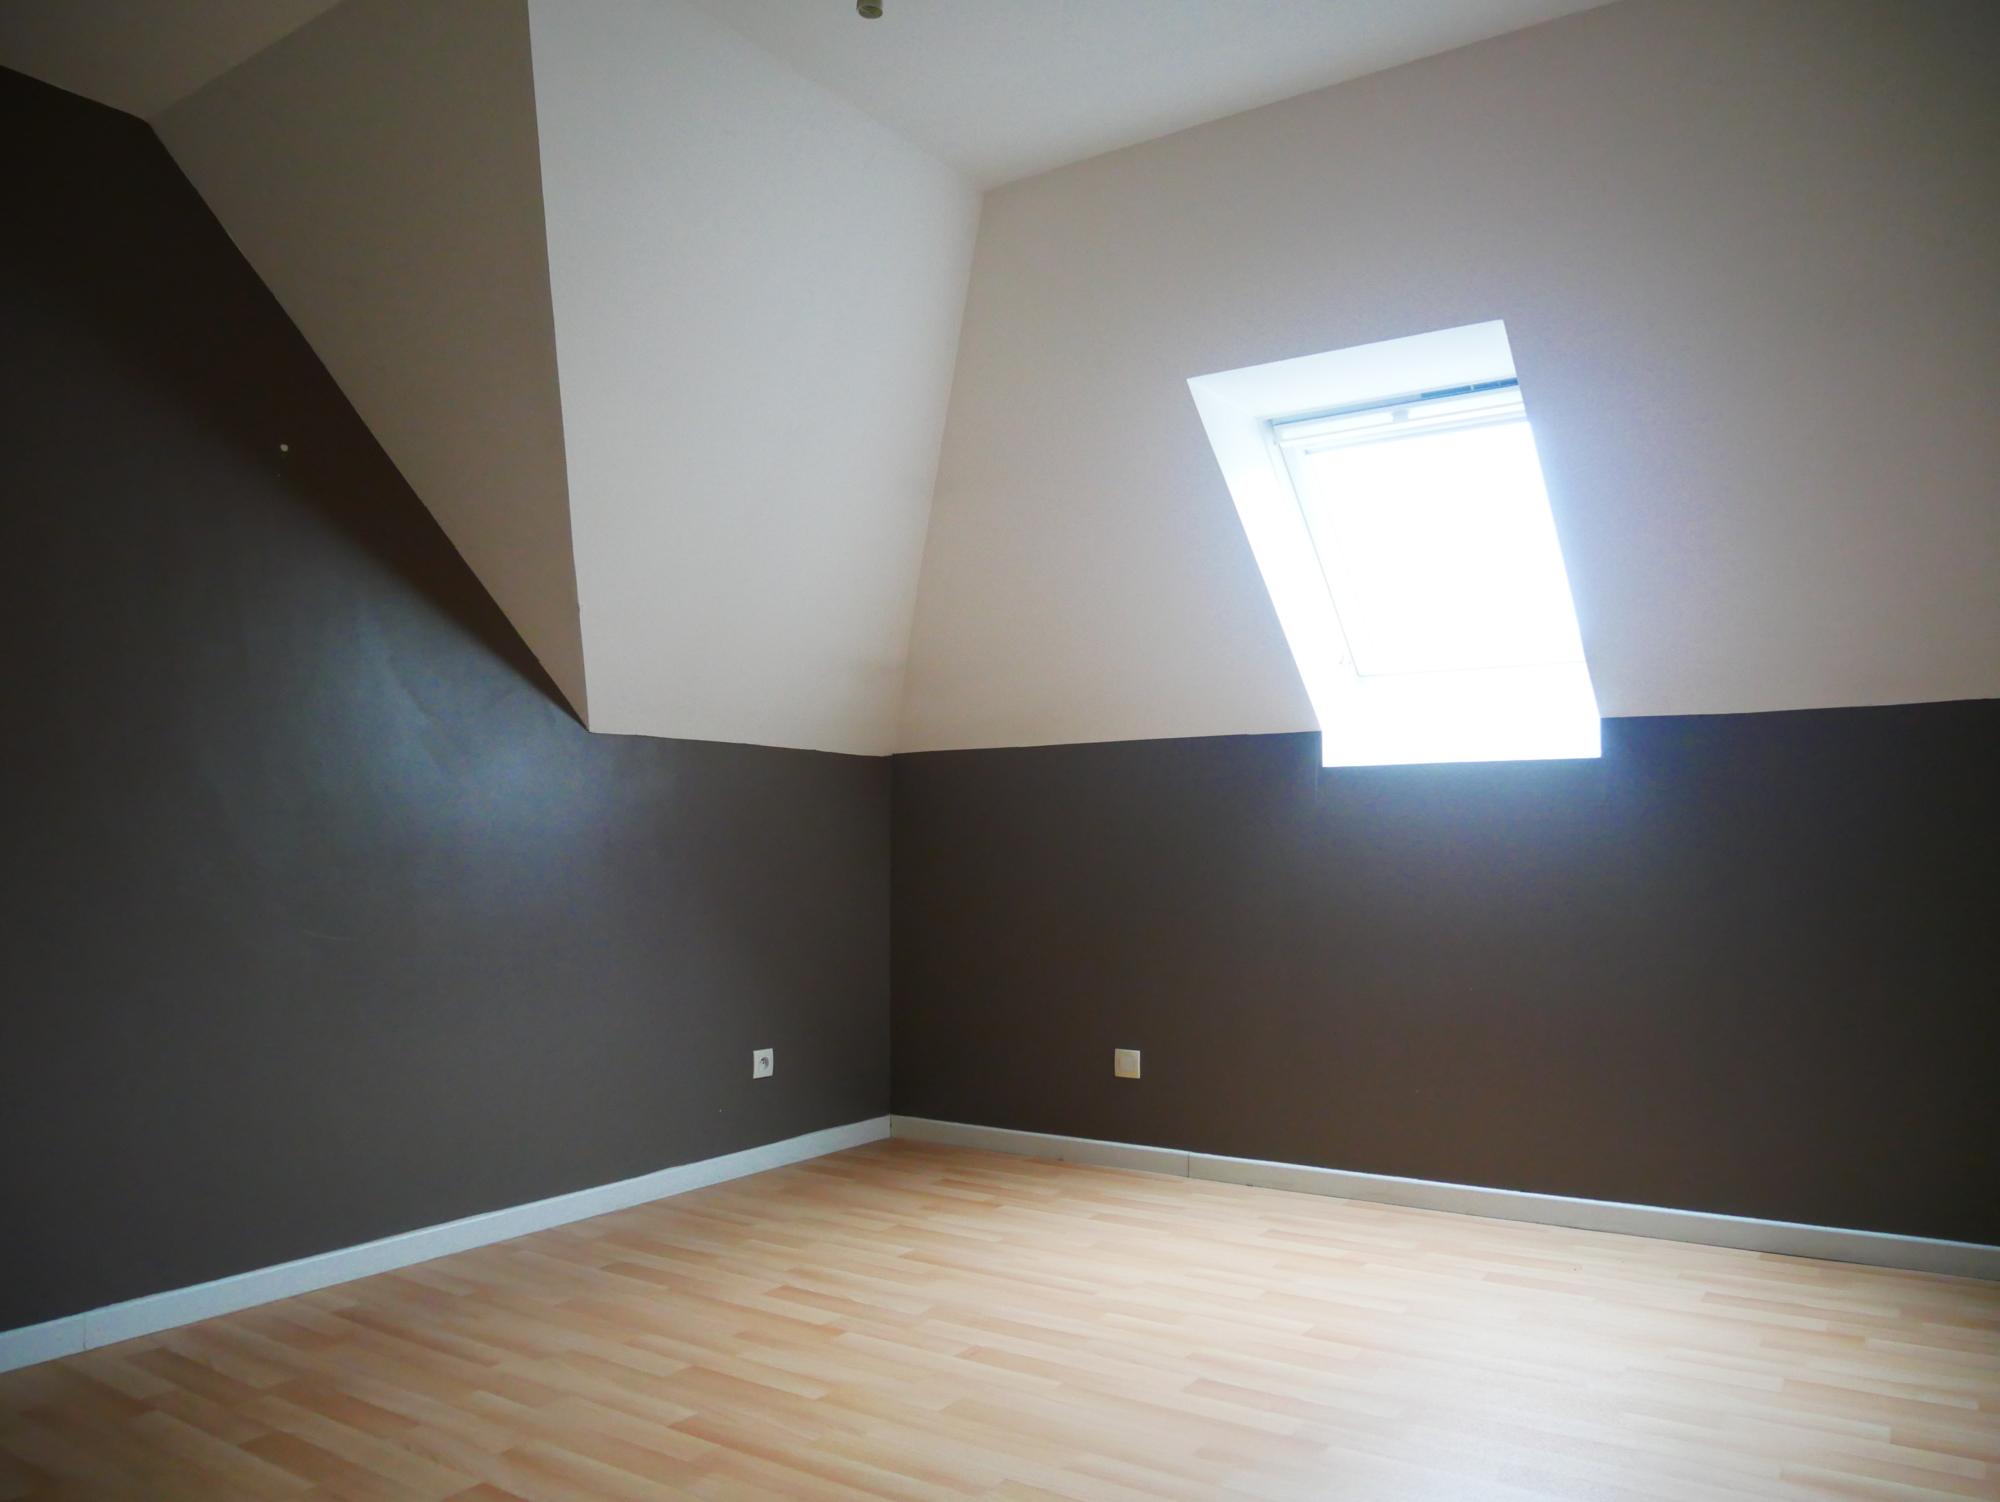 [Lumière] Lumineux 3 pièces en duplex - Stockfeld / rue de la Faisanderie - nos locations - Beausite Immobilier 6